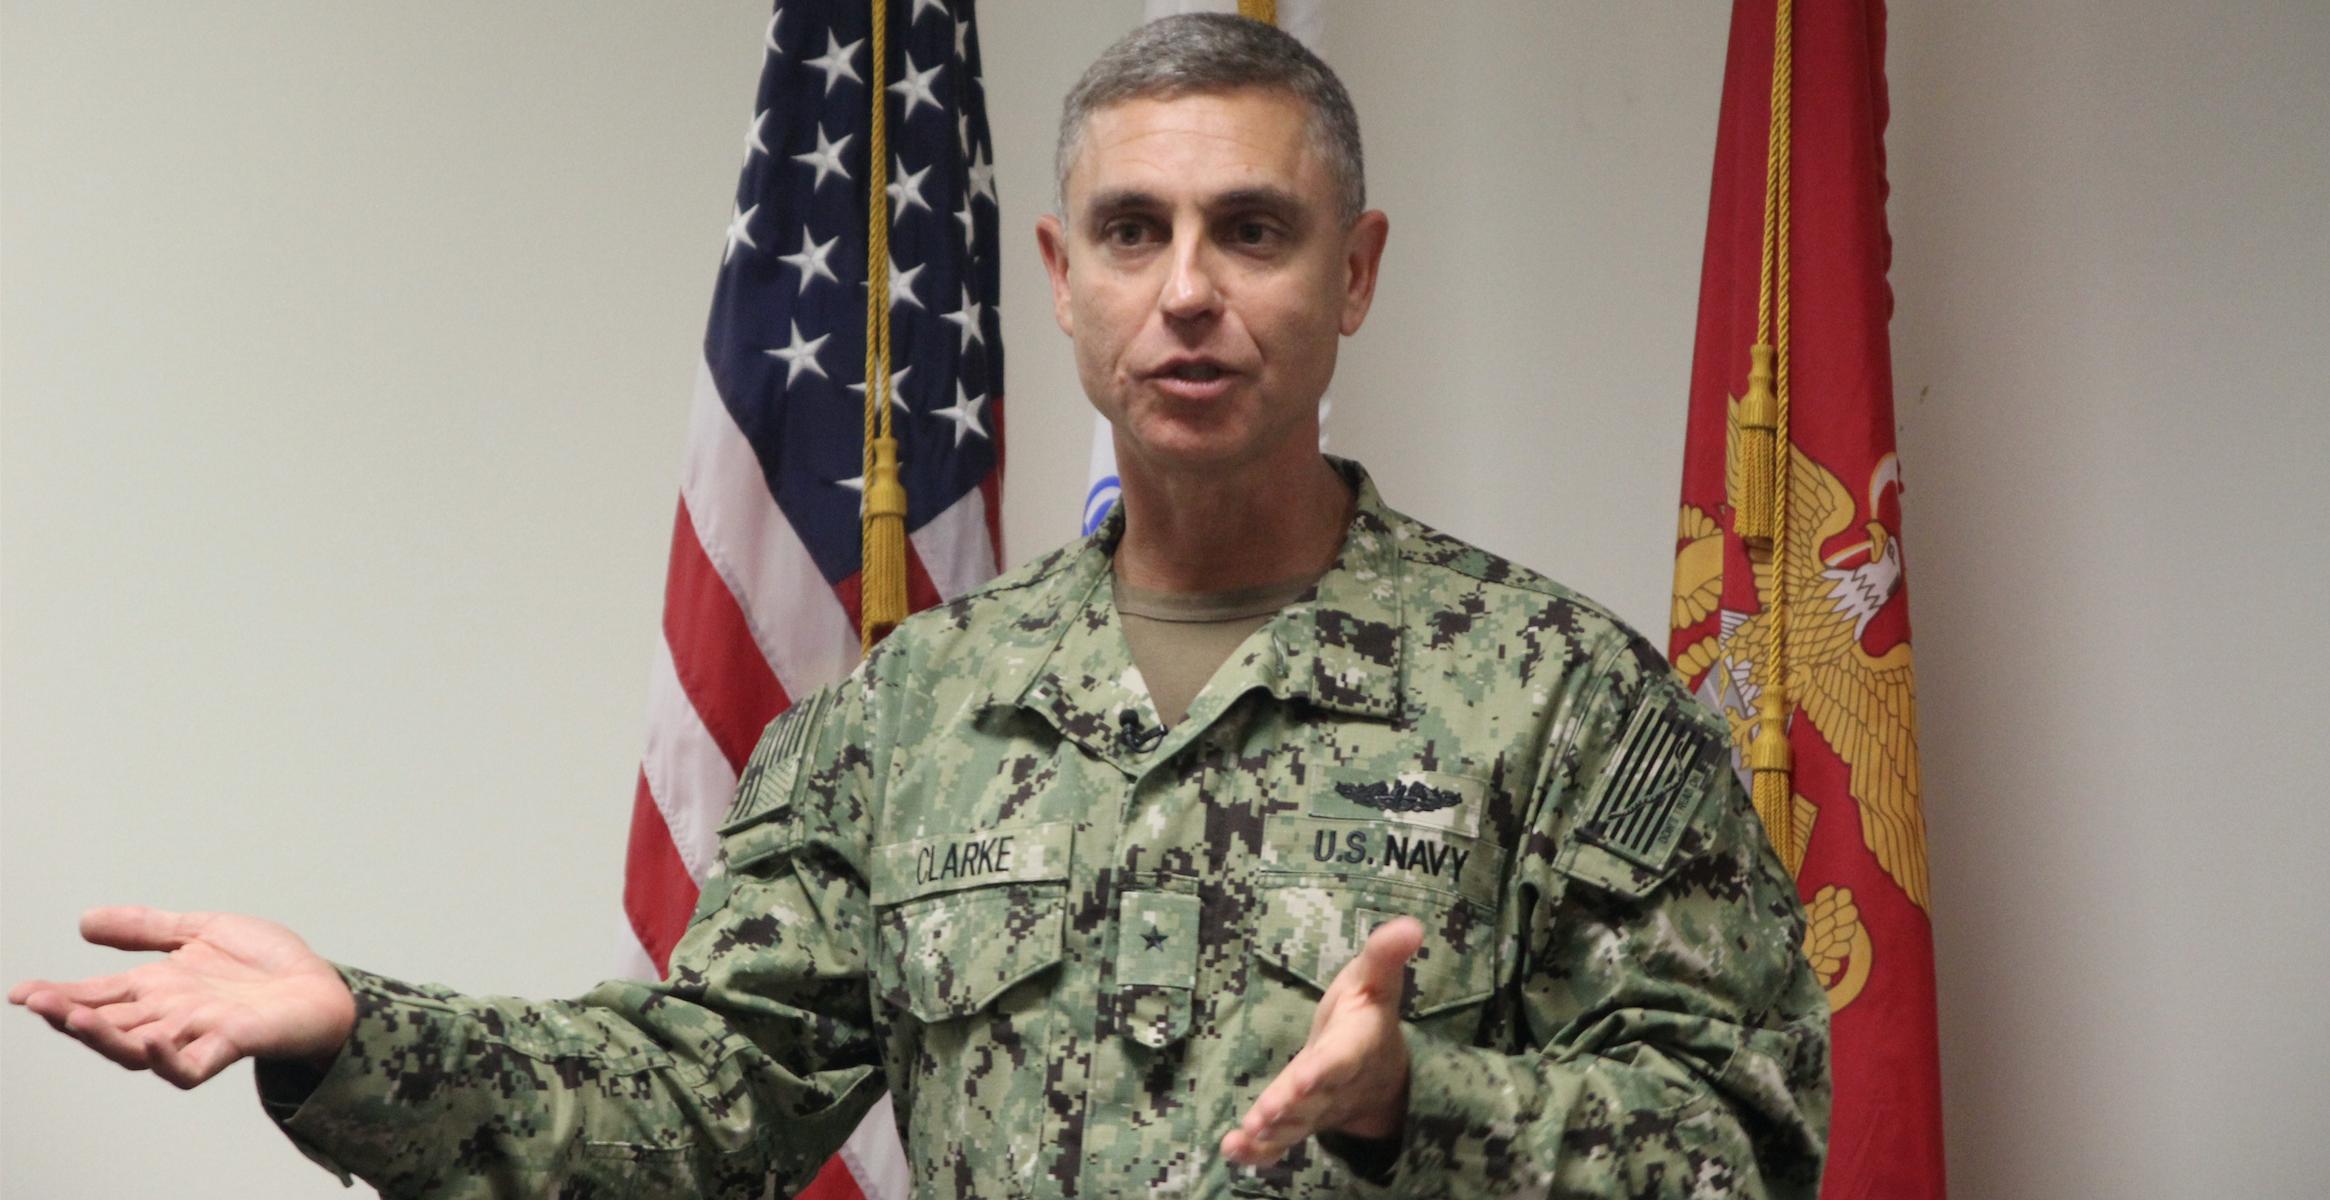 Admiral Peter J. Clarke at Guantanamo.